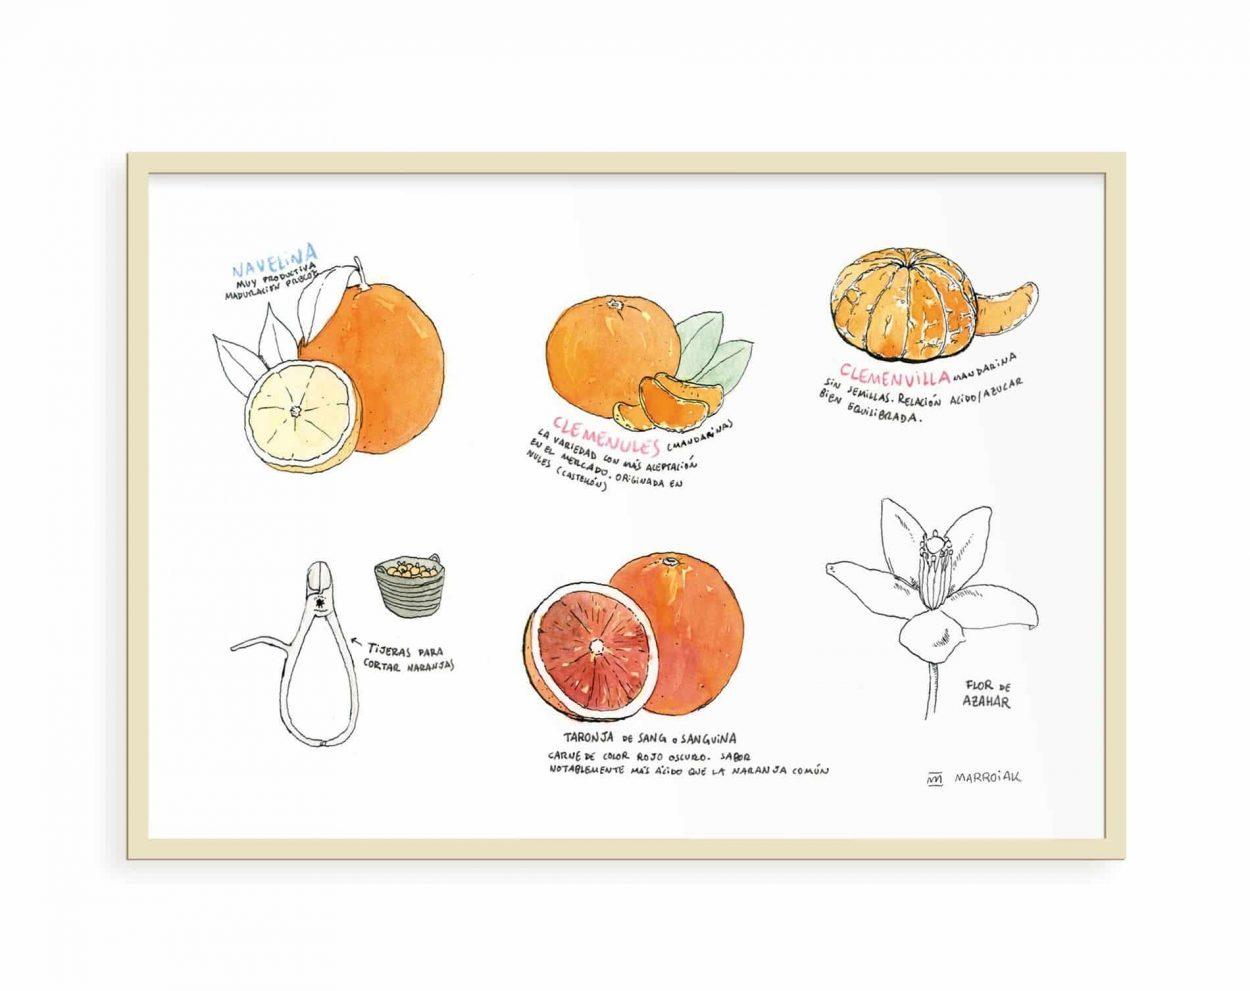 Lámina con un dibujo de diferentes variedades de naranjas de Valencia. Ilustración en tinta y acuarela sobre papel